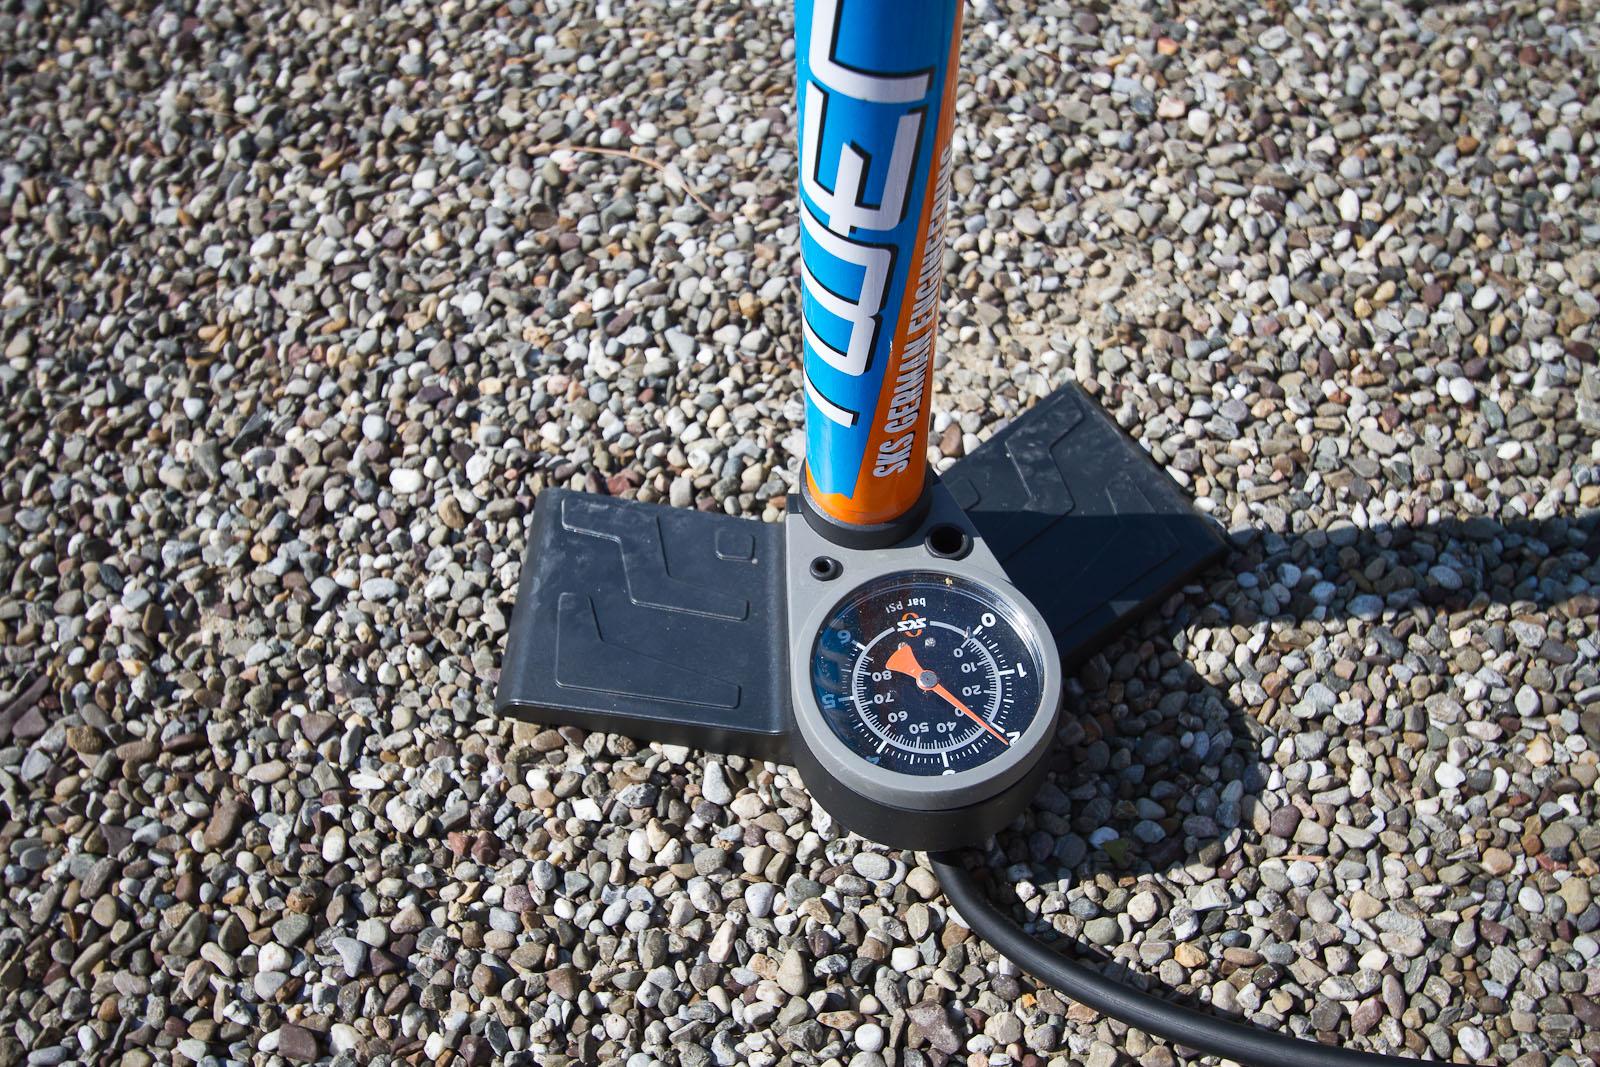 SKS Twenty-Niner floor pump